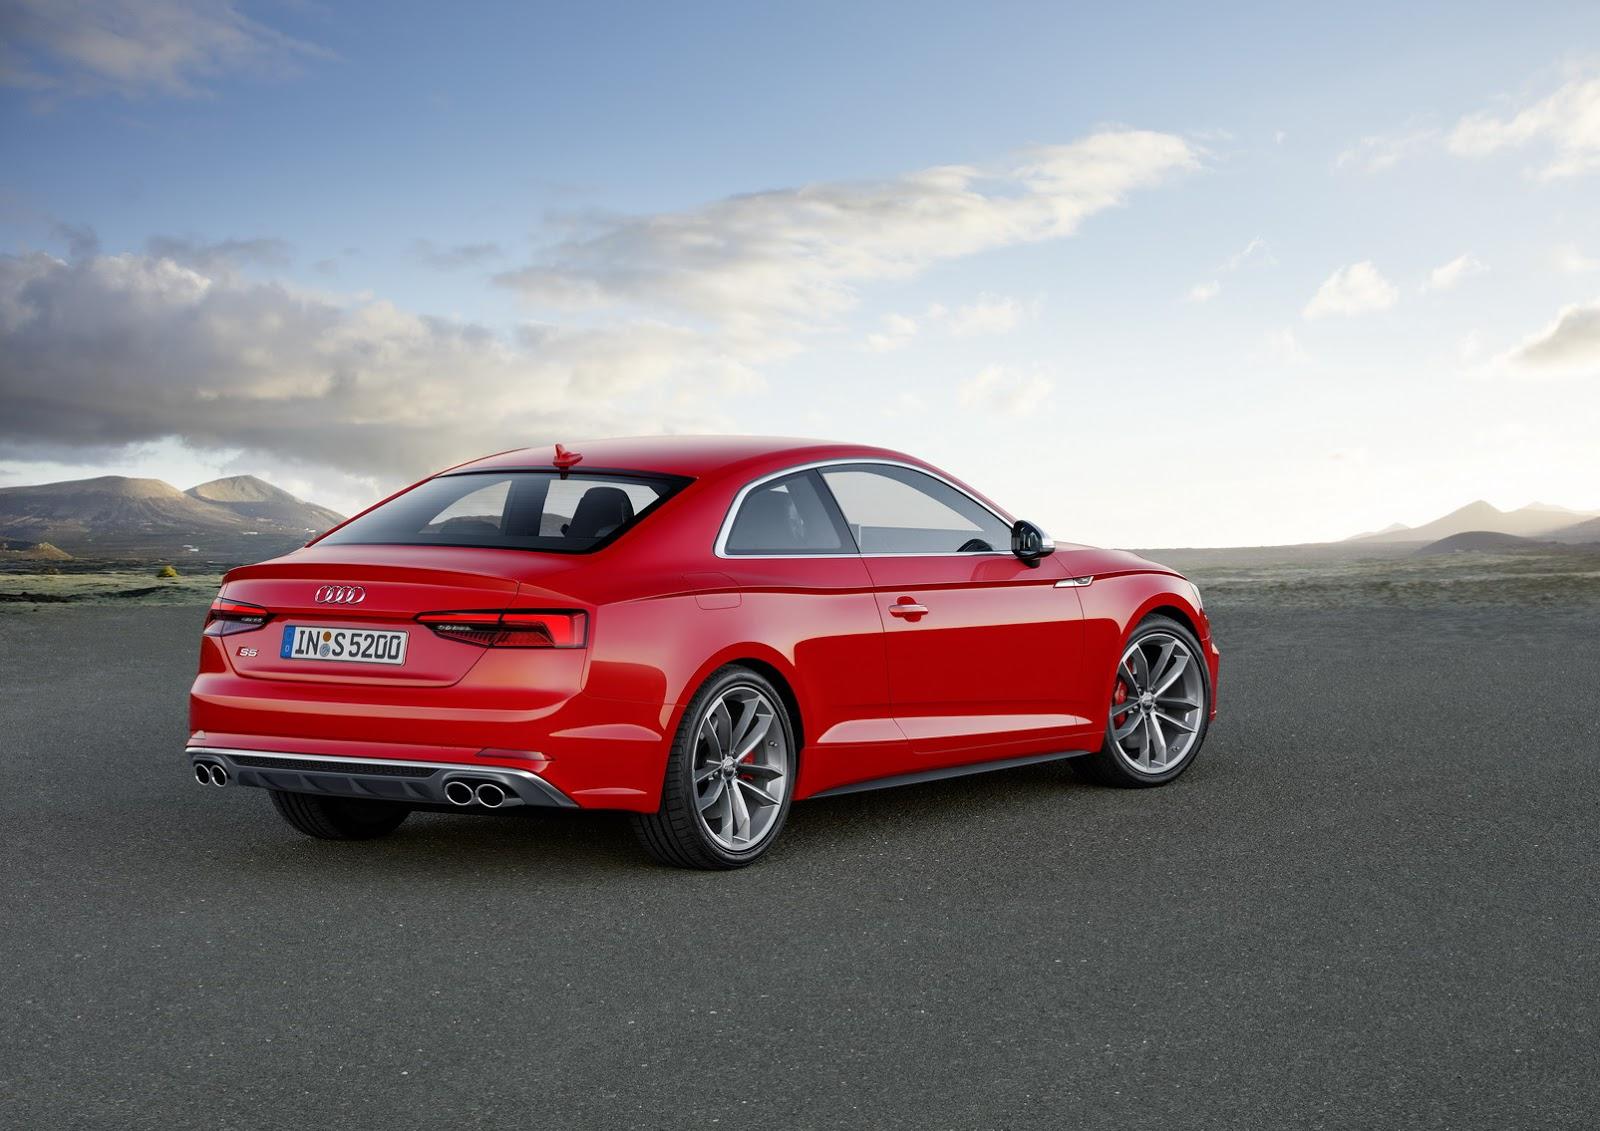 Động cơ mạnh mẽ kể trên giúp Audi S5 thế hệ mới tăng tốc từ 0-100 km/h trong 4,7 giây. Ấn tượng hơn, động cơ V6 tăng áp mới phát triển này còn chỉ tiêu thụ lượng nhiên liệu trung bình 7,3 lít/100 km.